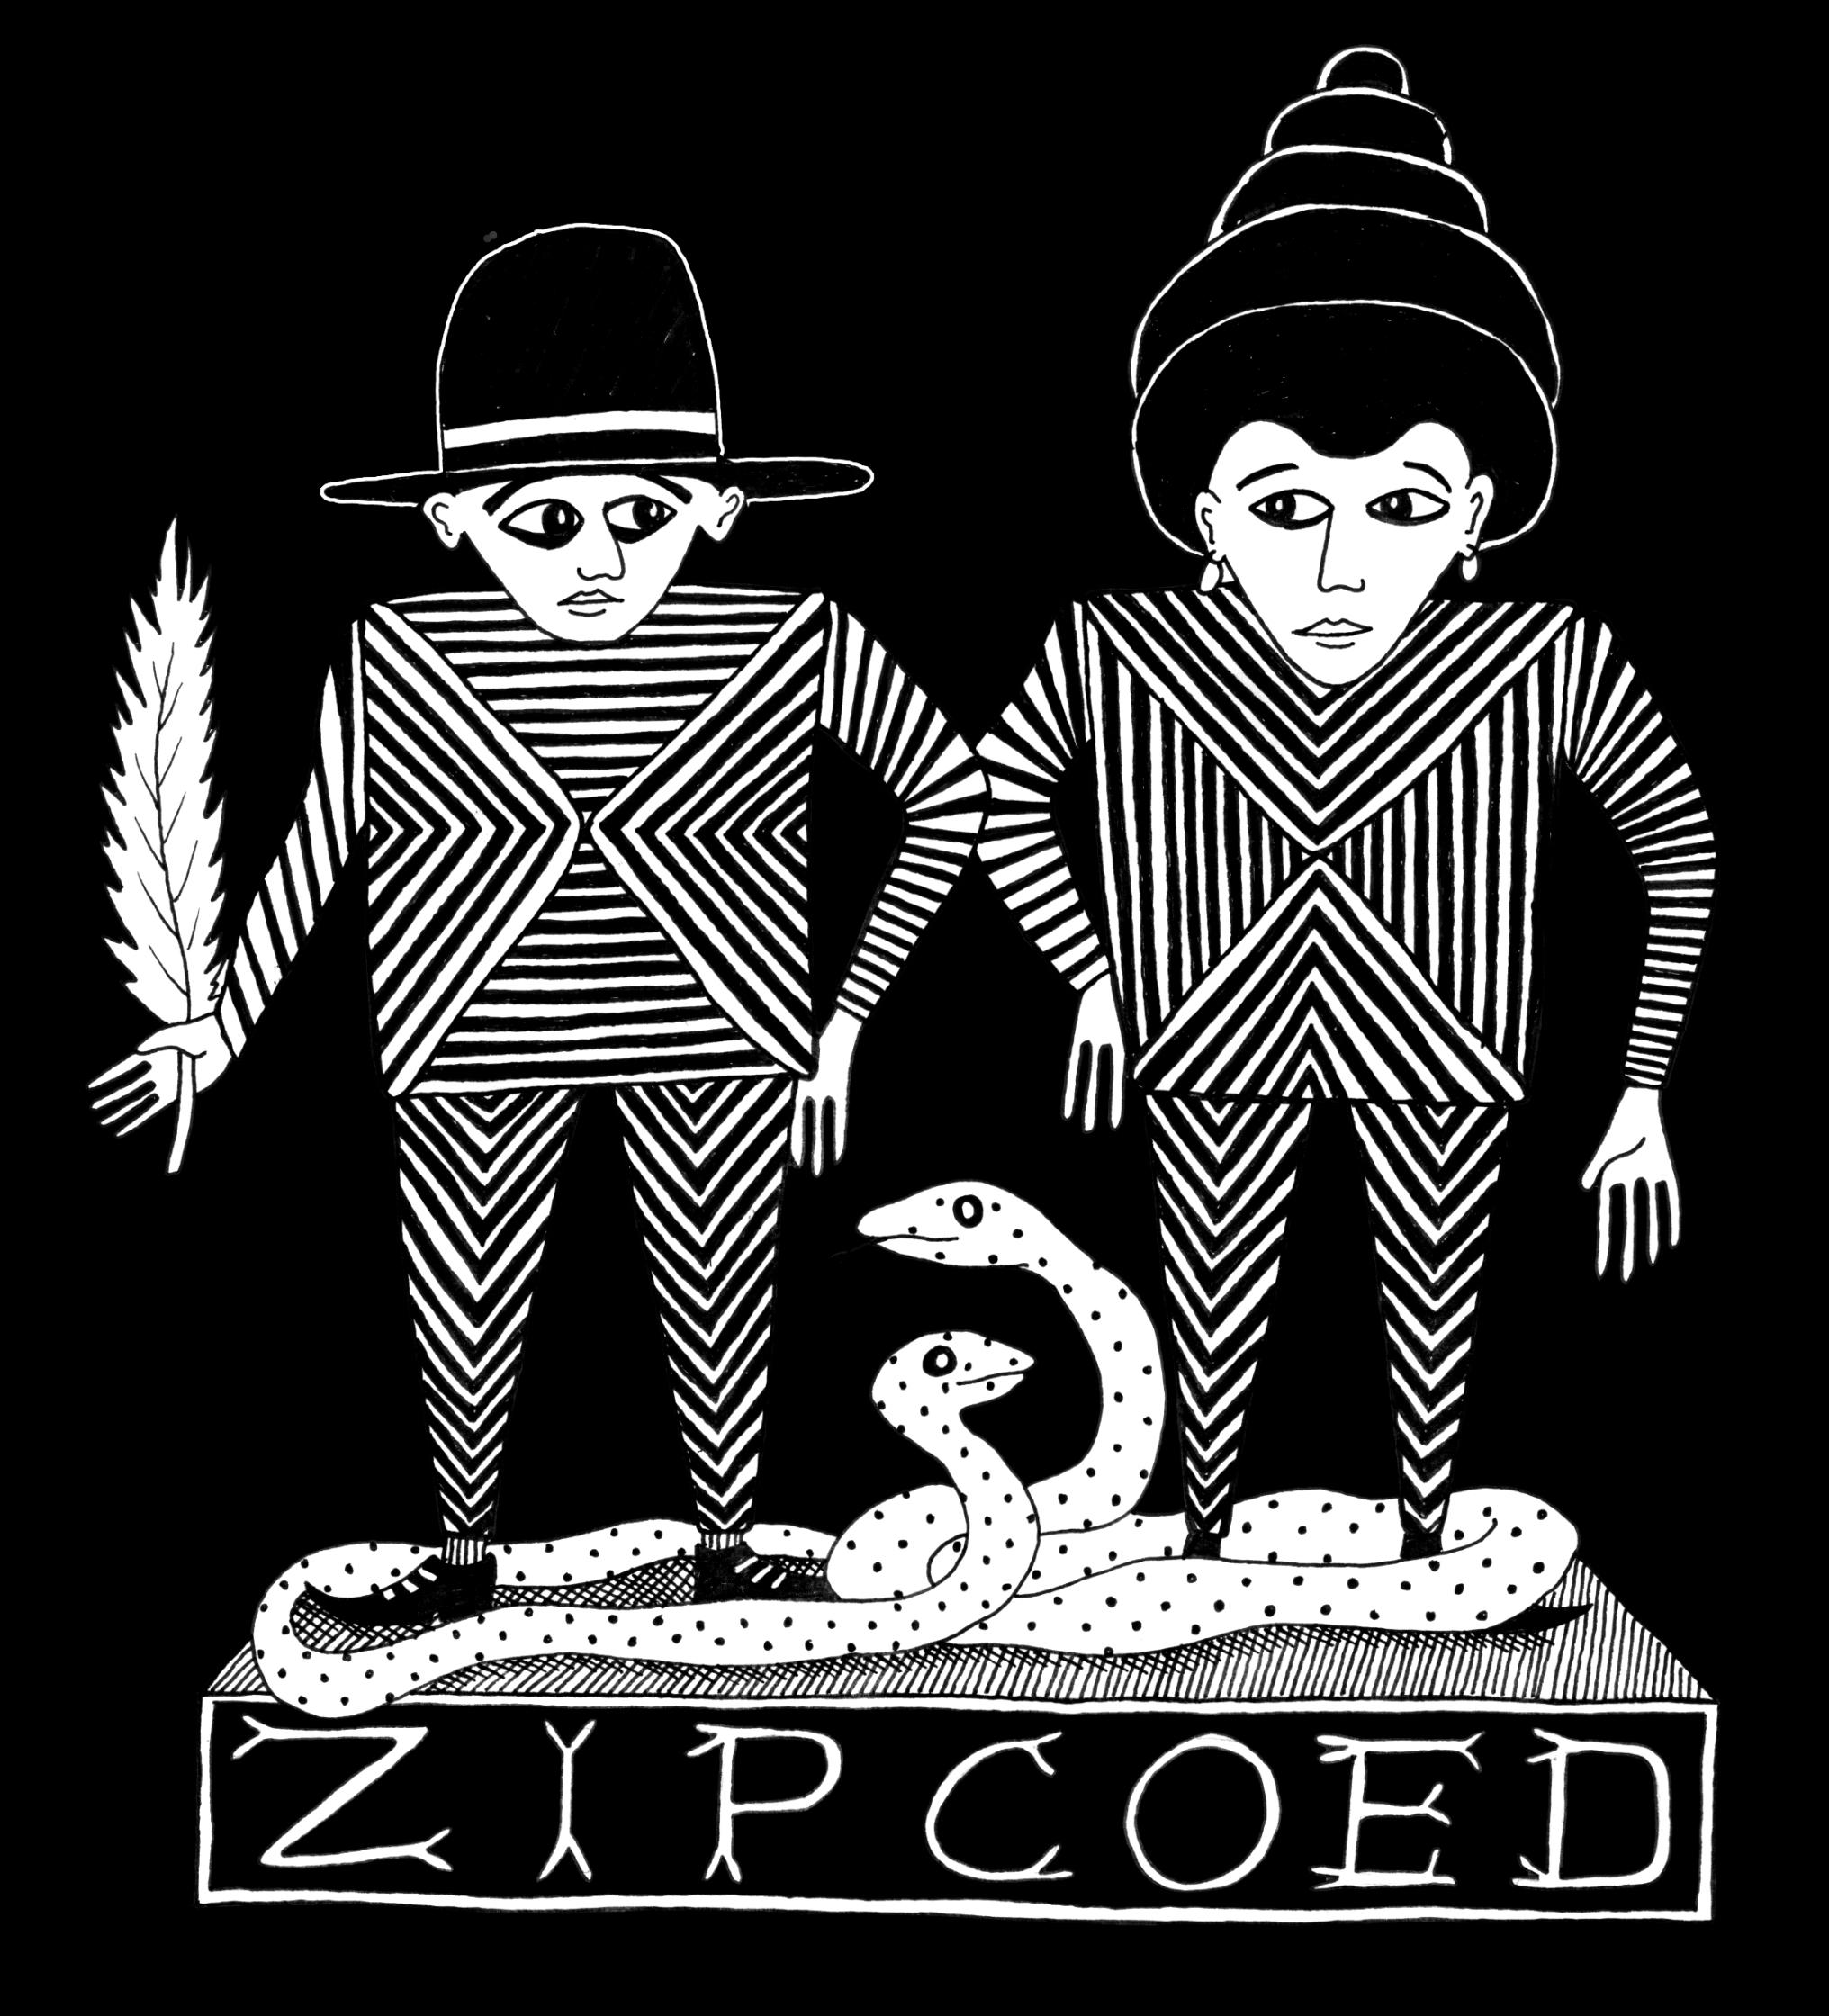 Zipcoed